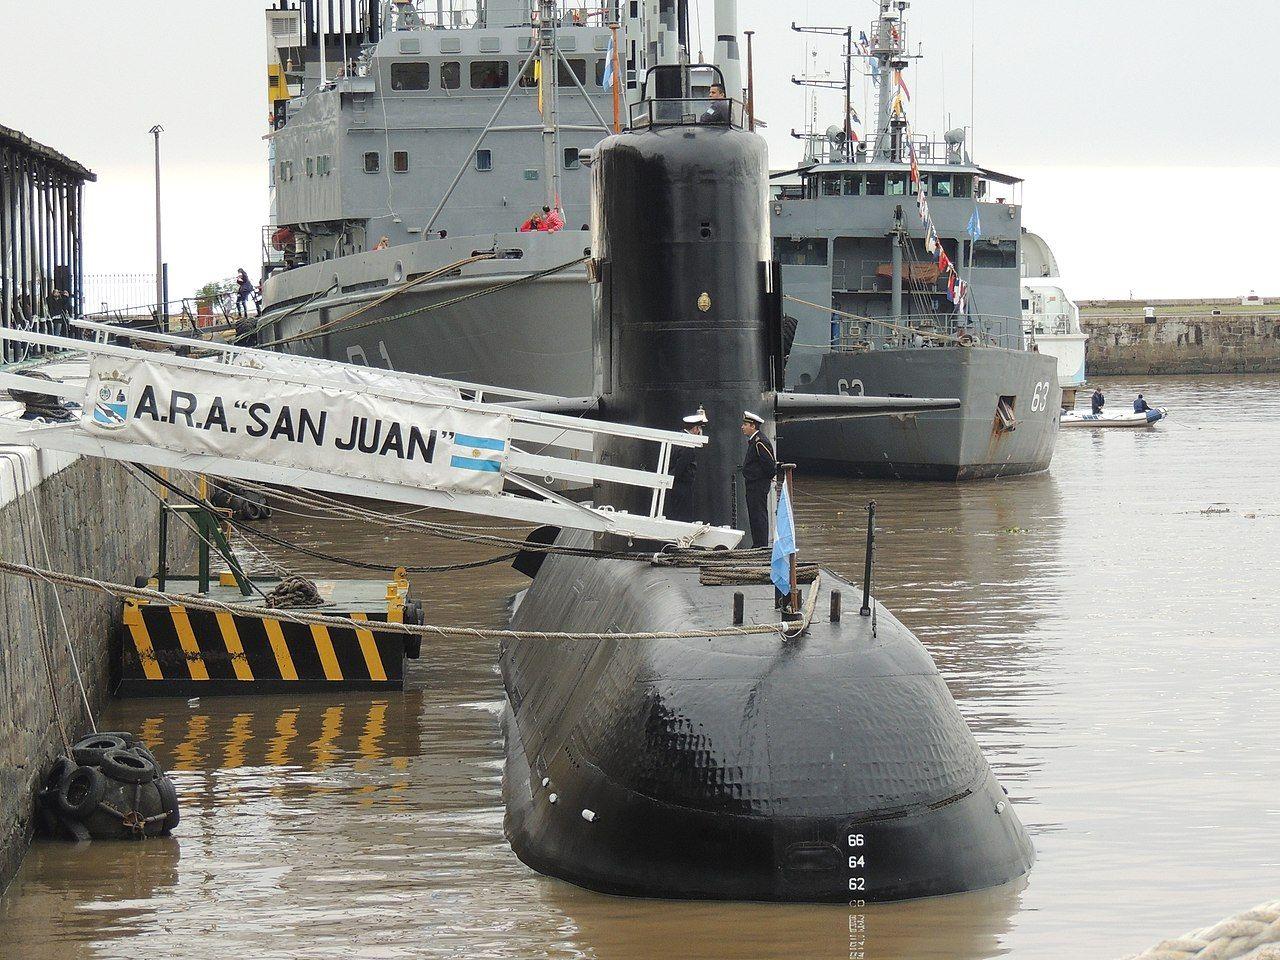 Дизель-электрическая подводная лодка «Сан-Хуан» ВМС Аргентины